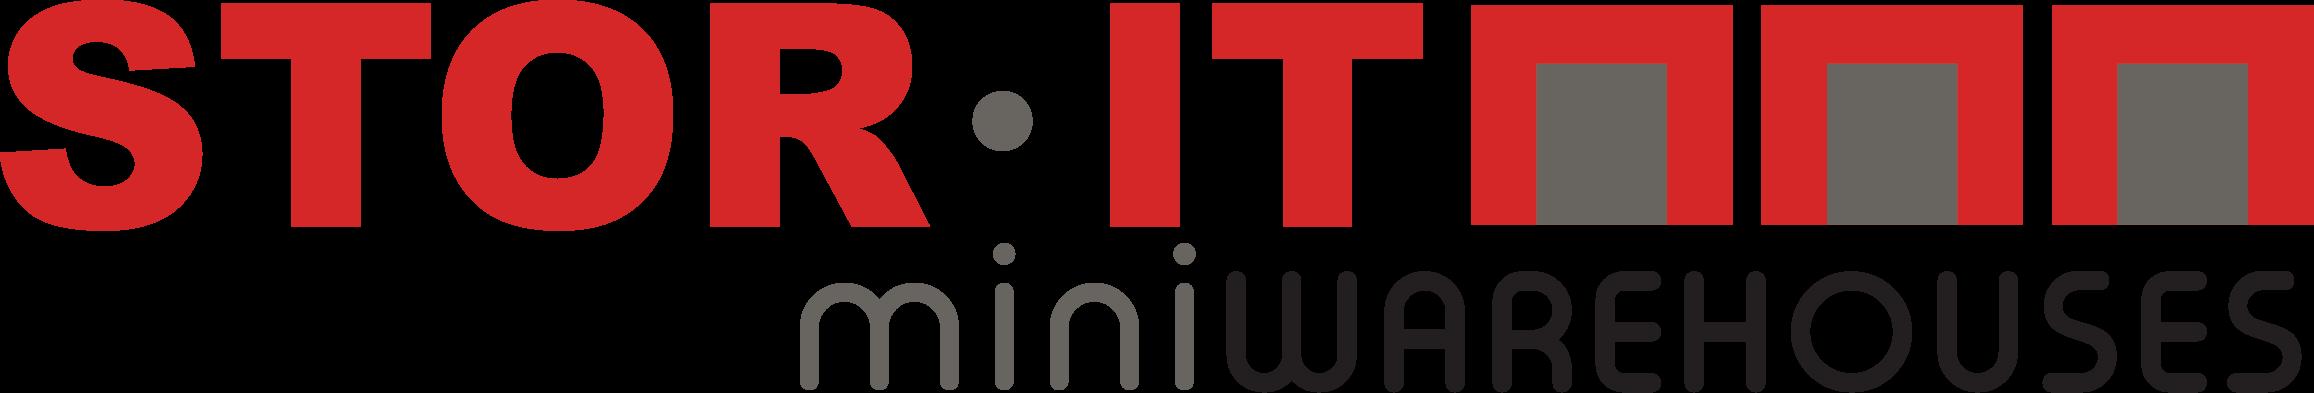 Stor it logo